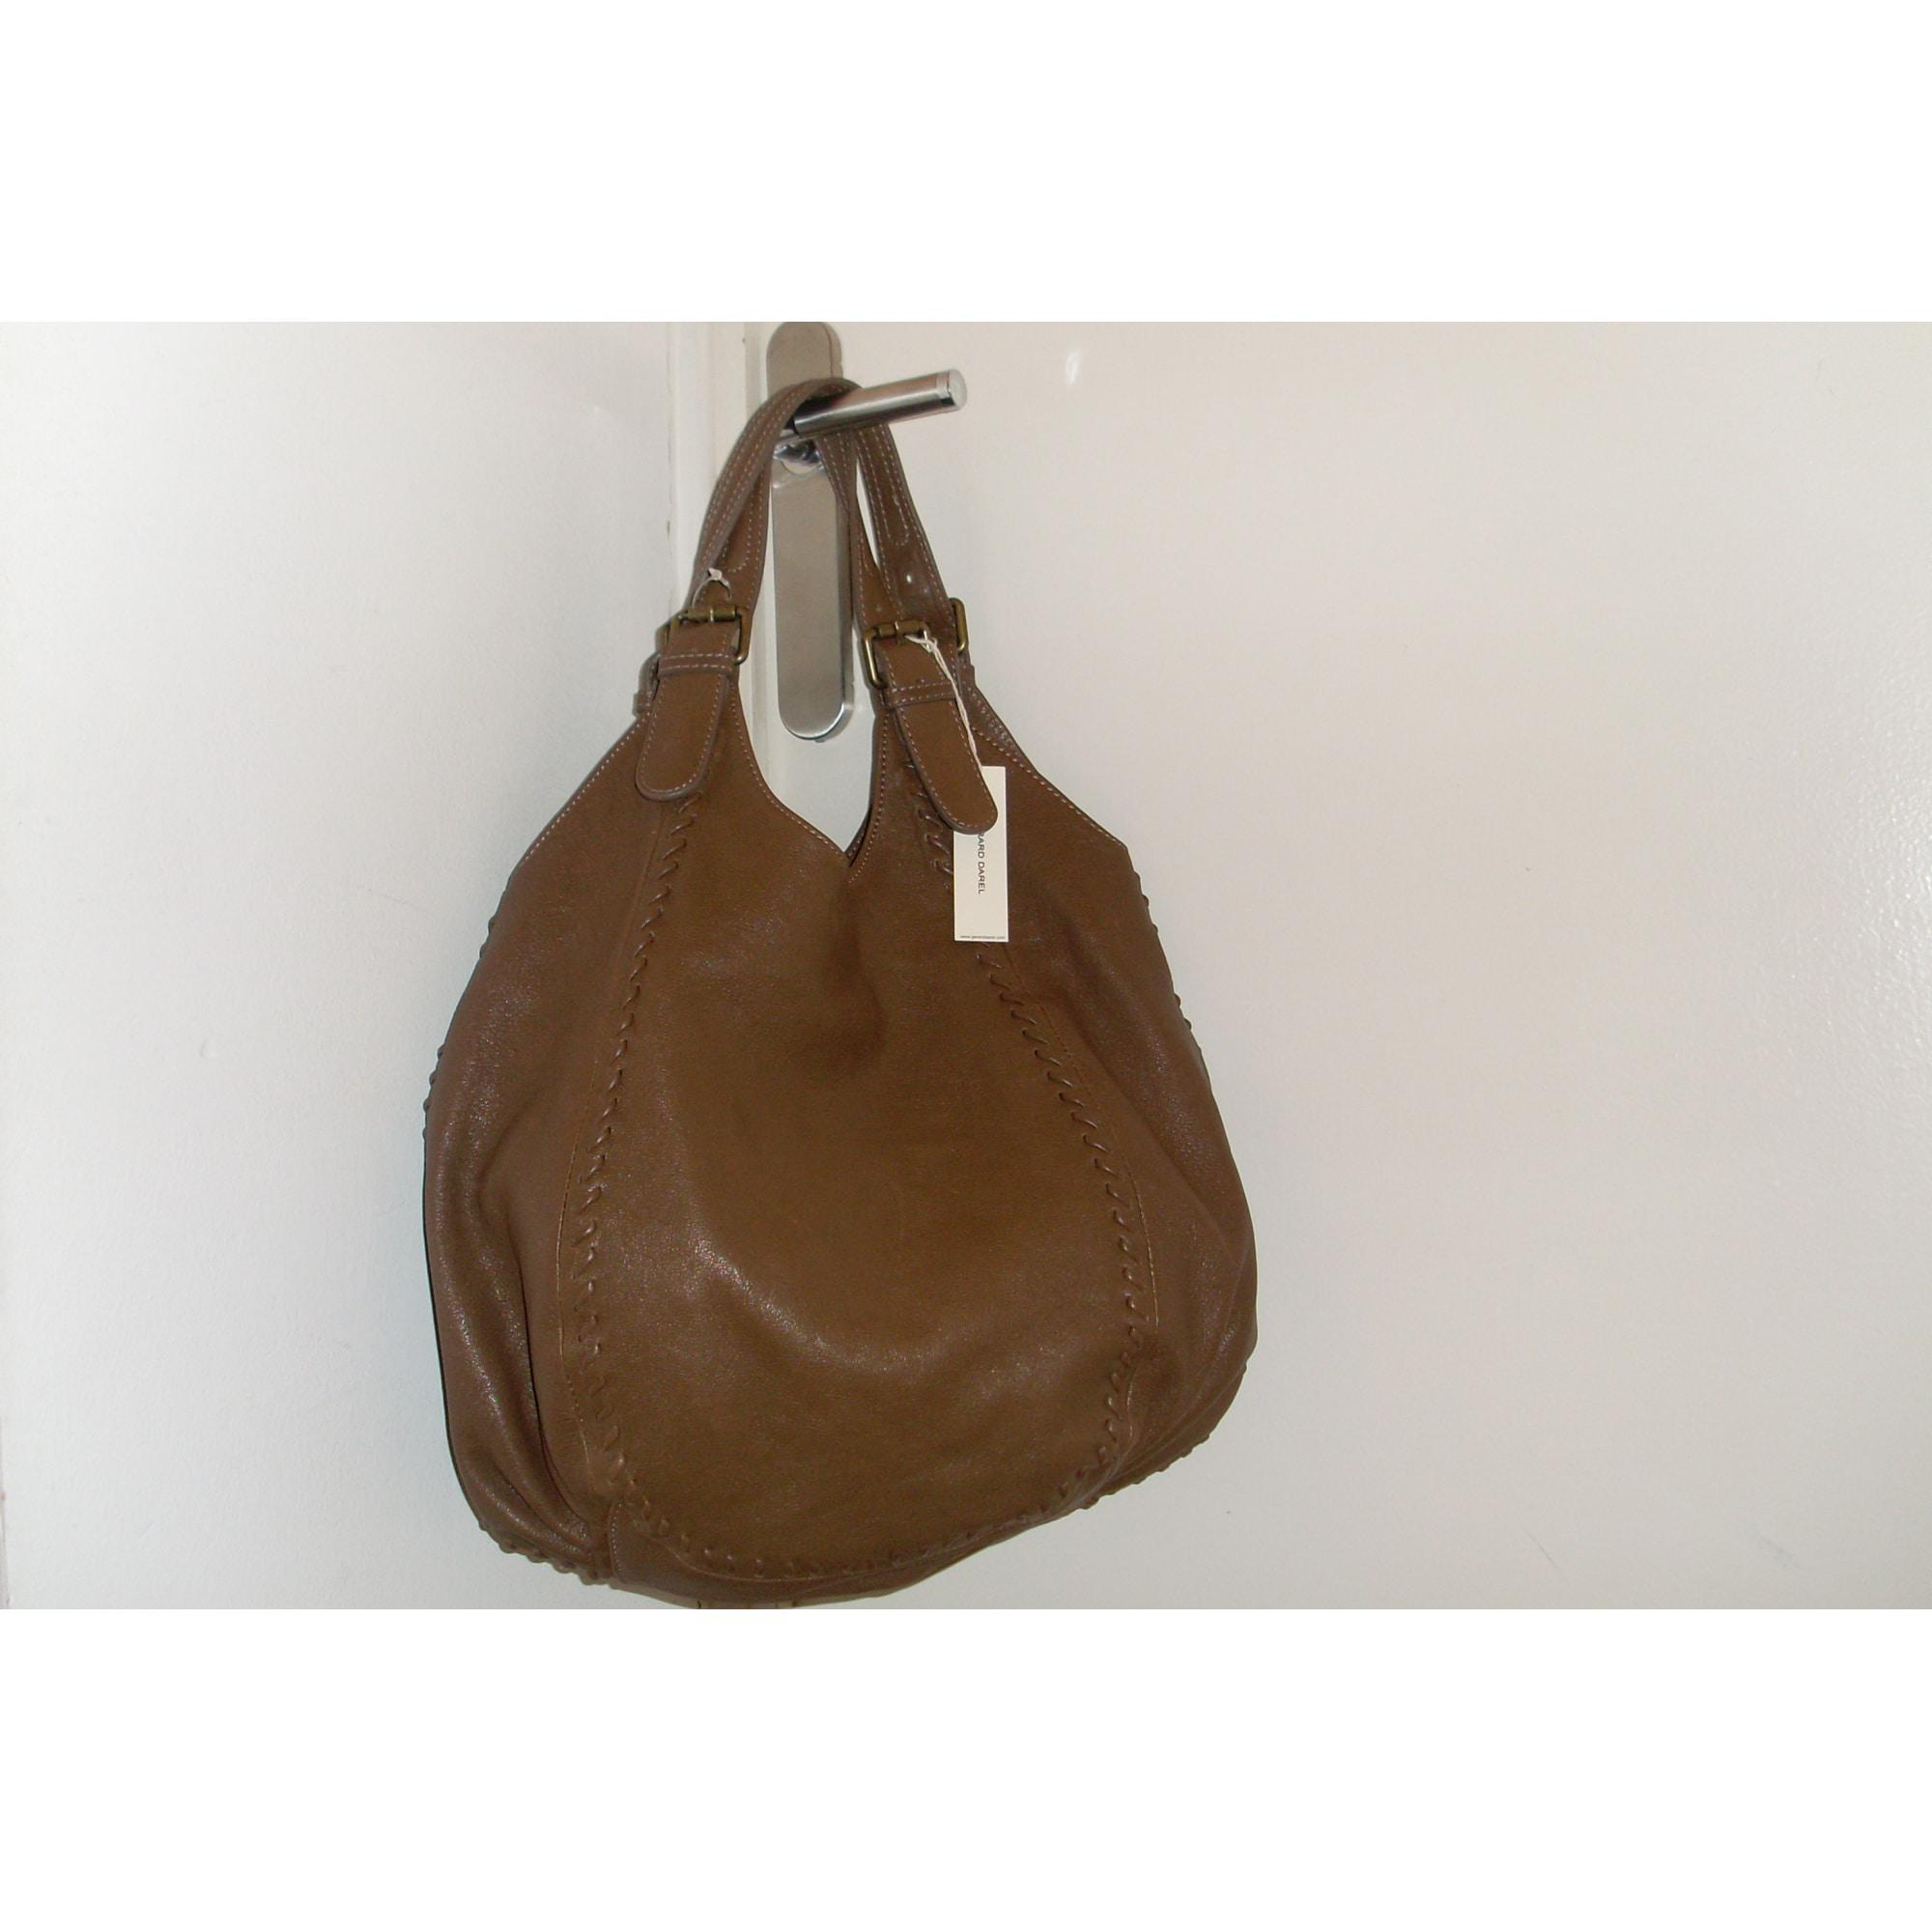 Sac à main en cuir GERARD DAREL beige vendu par Fatima 8250608 - 1016911 f8a80842a9d